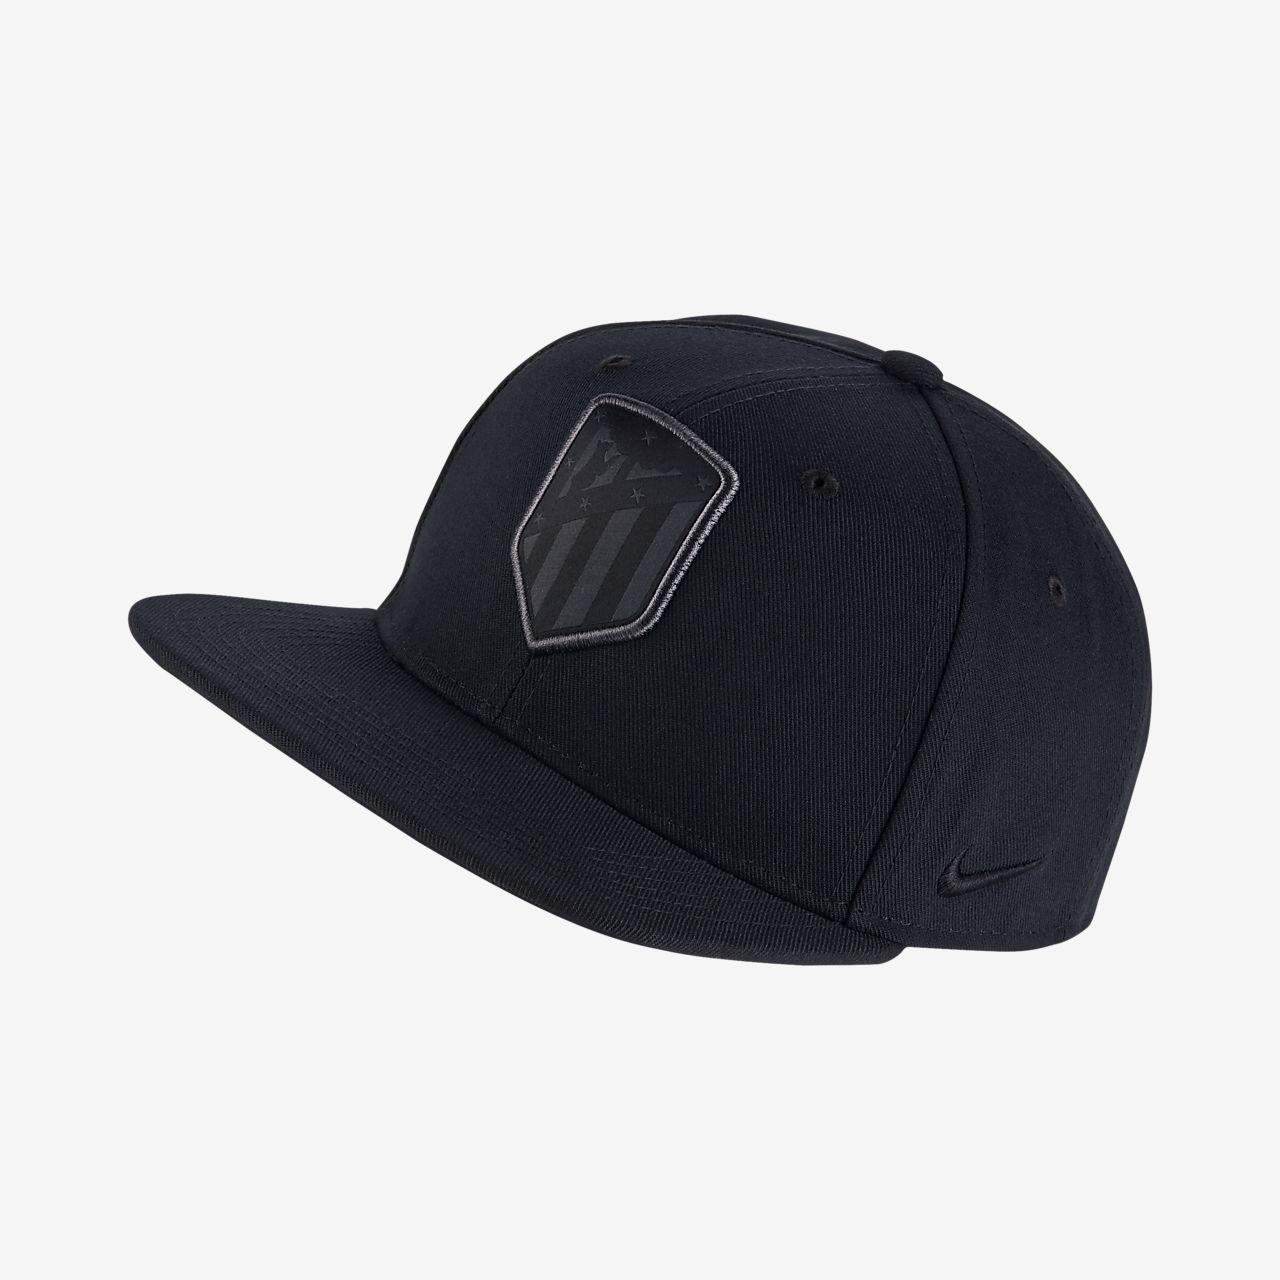 Ρυθμιζόμενο καπέλο Nike Pro Atlético de Madrid για μεγάλα παιδιά